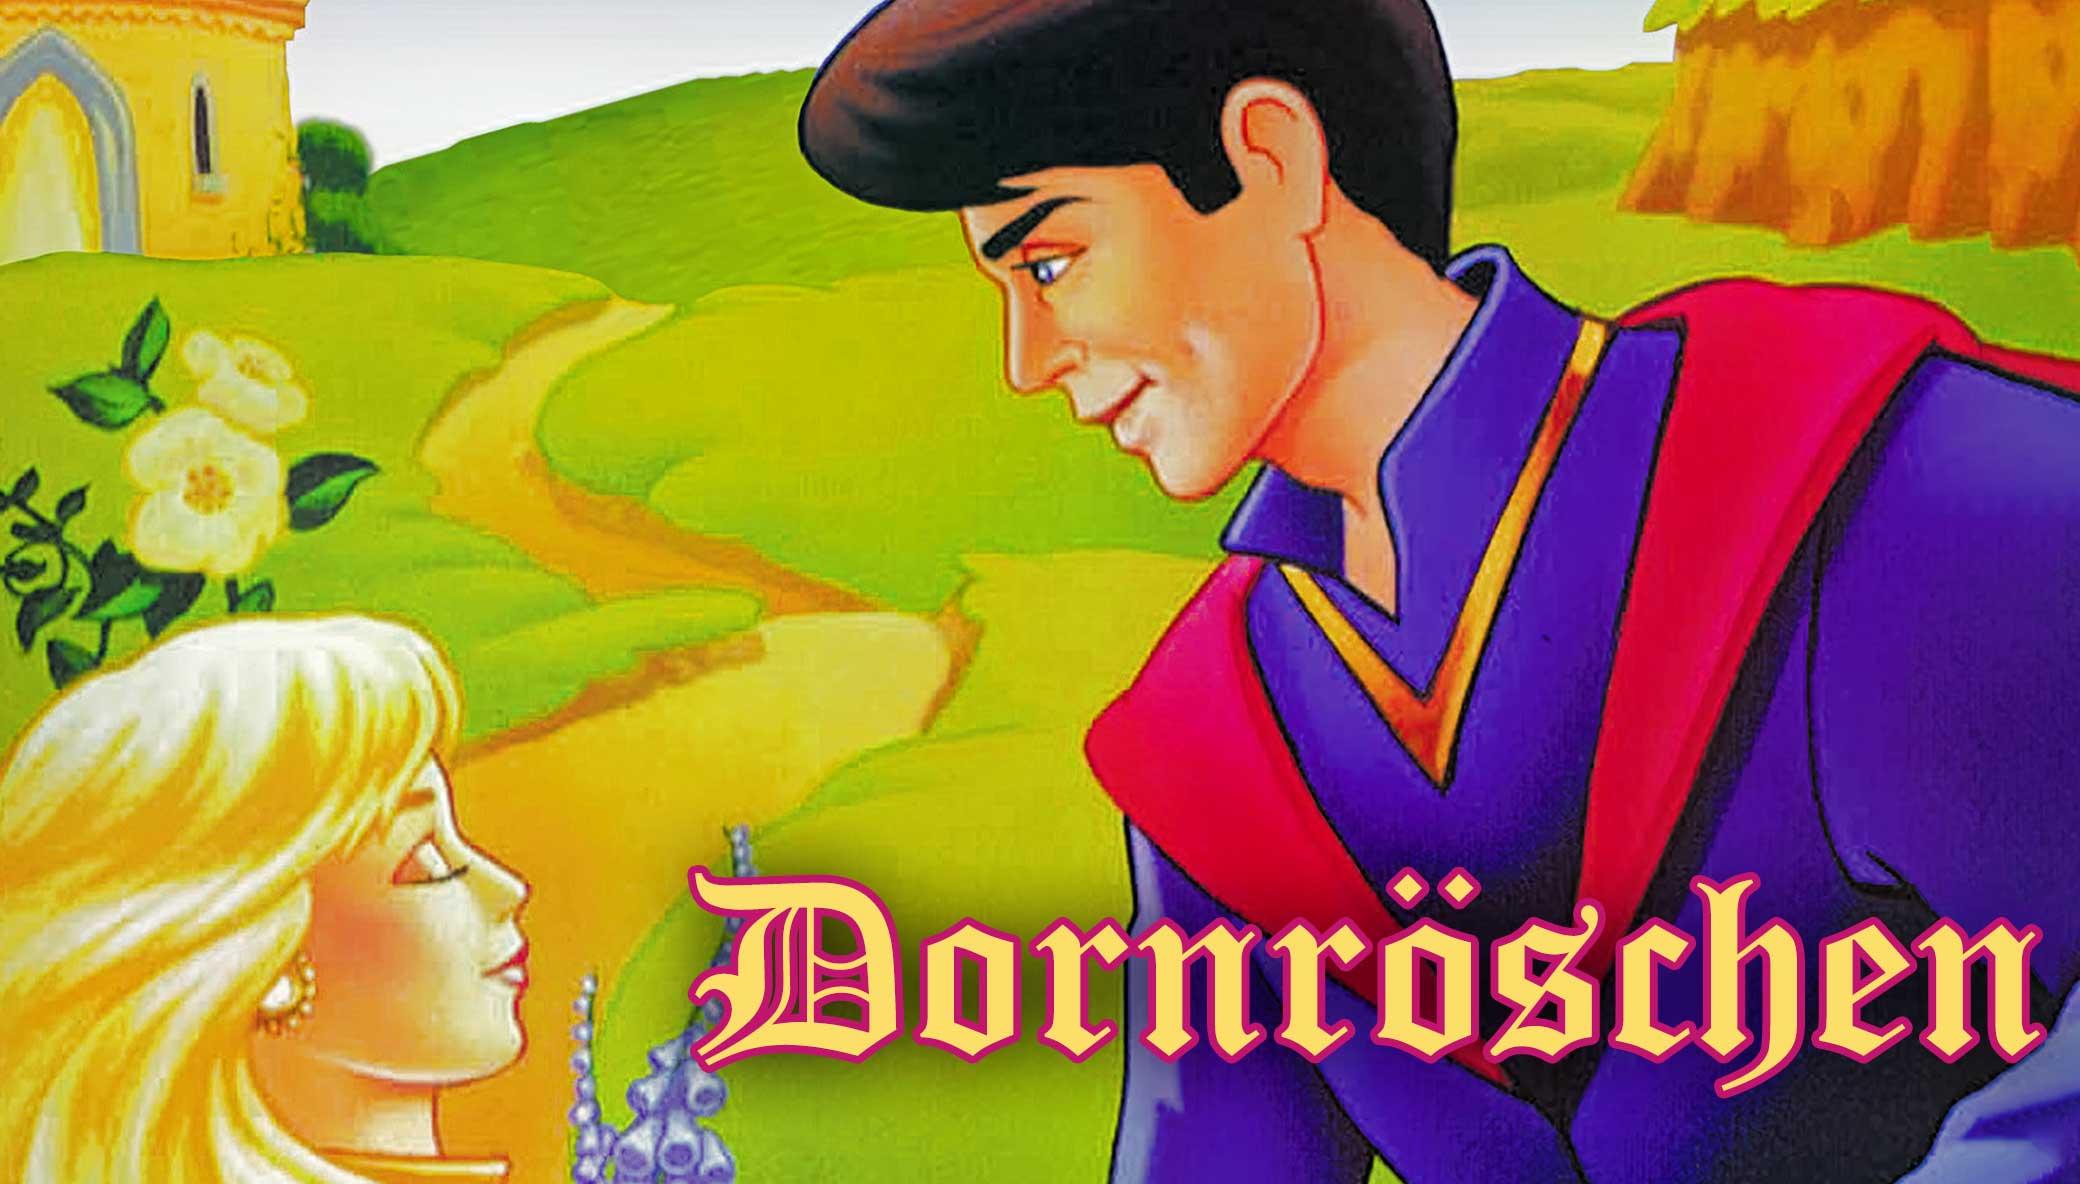 dornroschen-sleeping-beauty\header.jpg